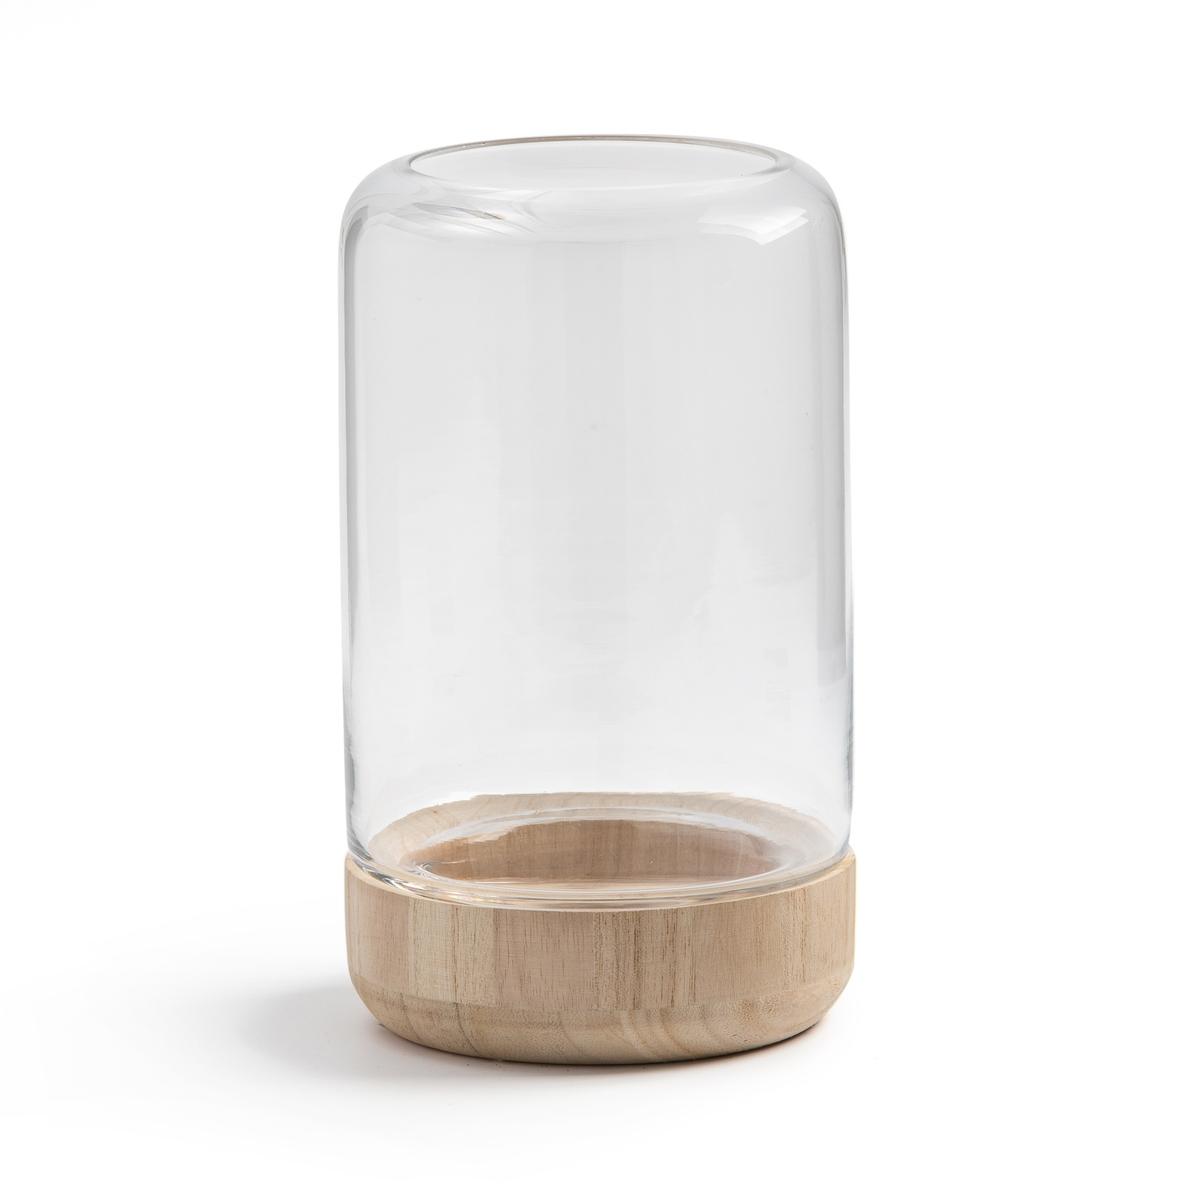 Подсвечник La Redoute Террариум из стекла и сосны Mora единый размер другие цена